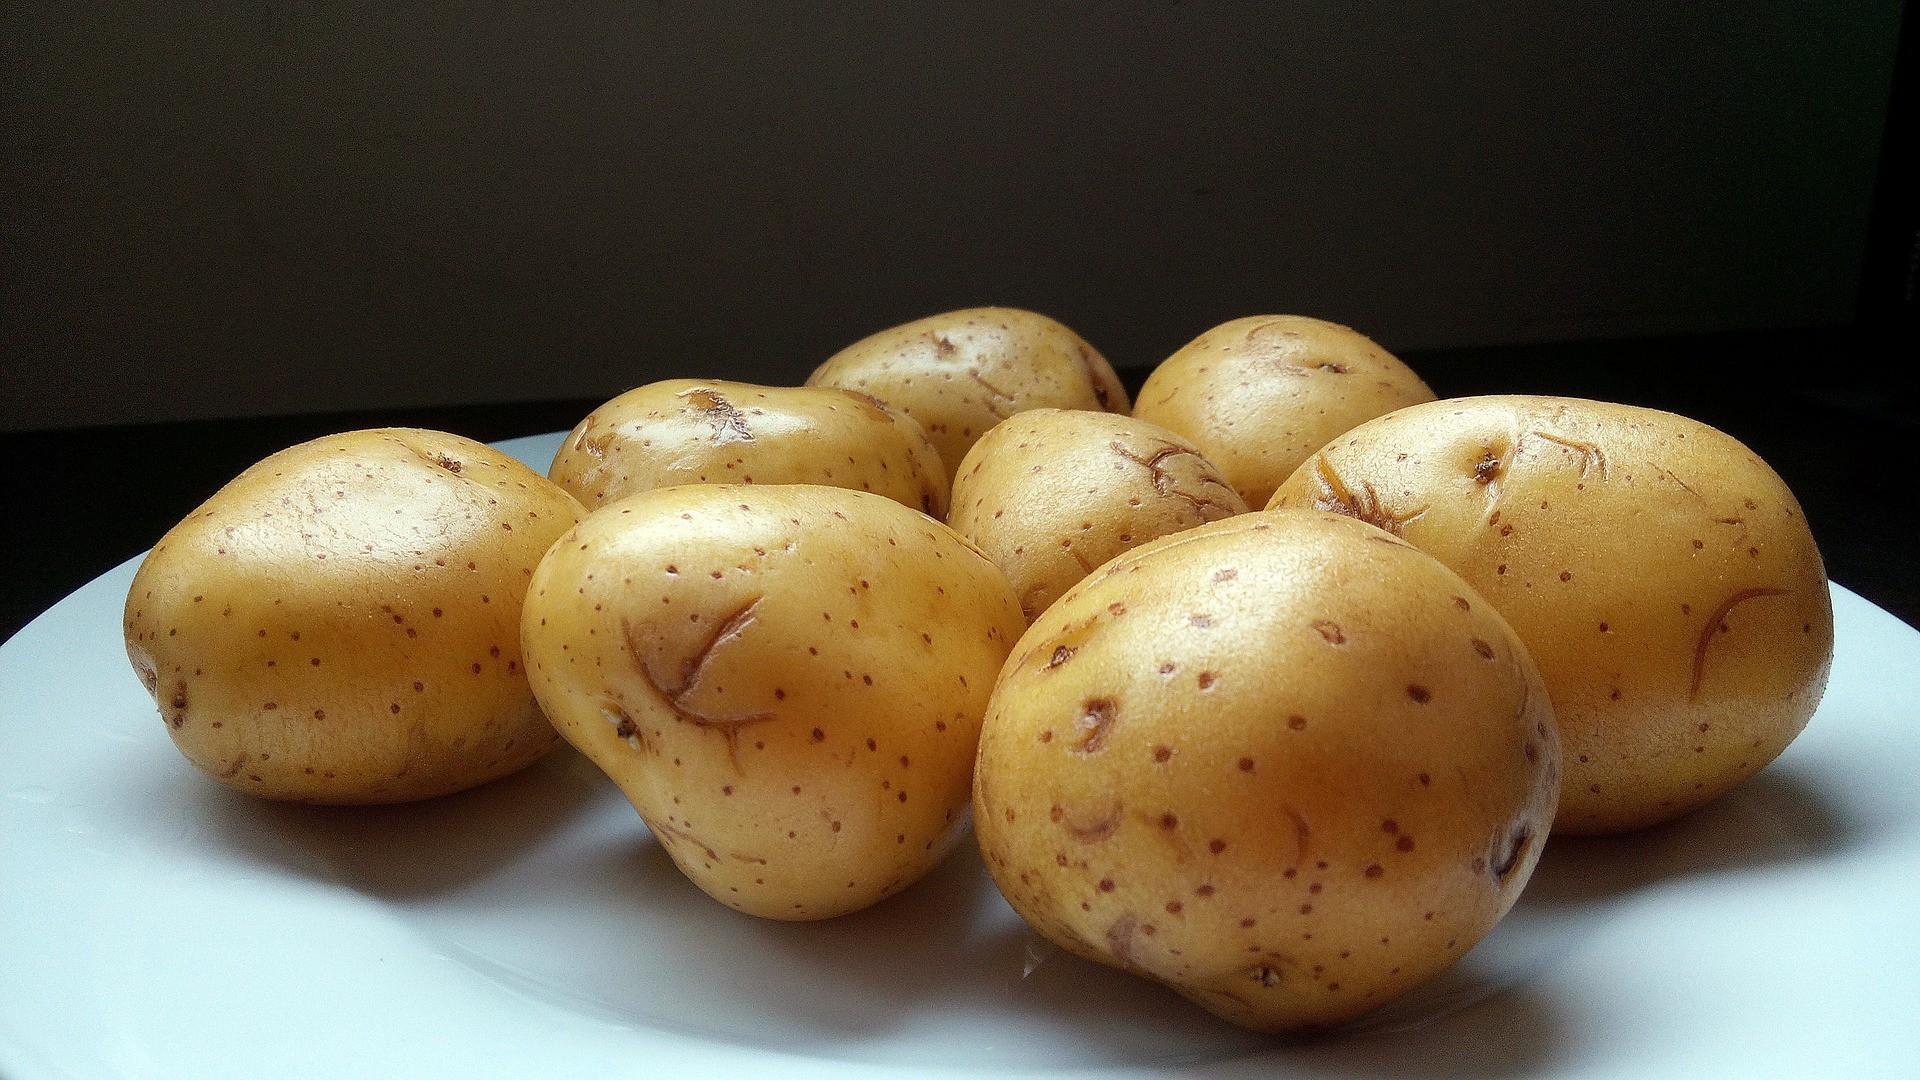 МСХ России просит регионы обсудить с производителями цены на макароны, яйца и картофель